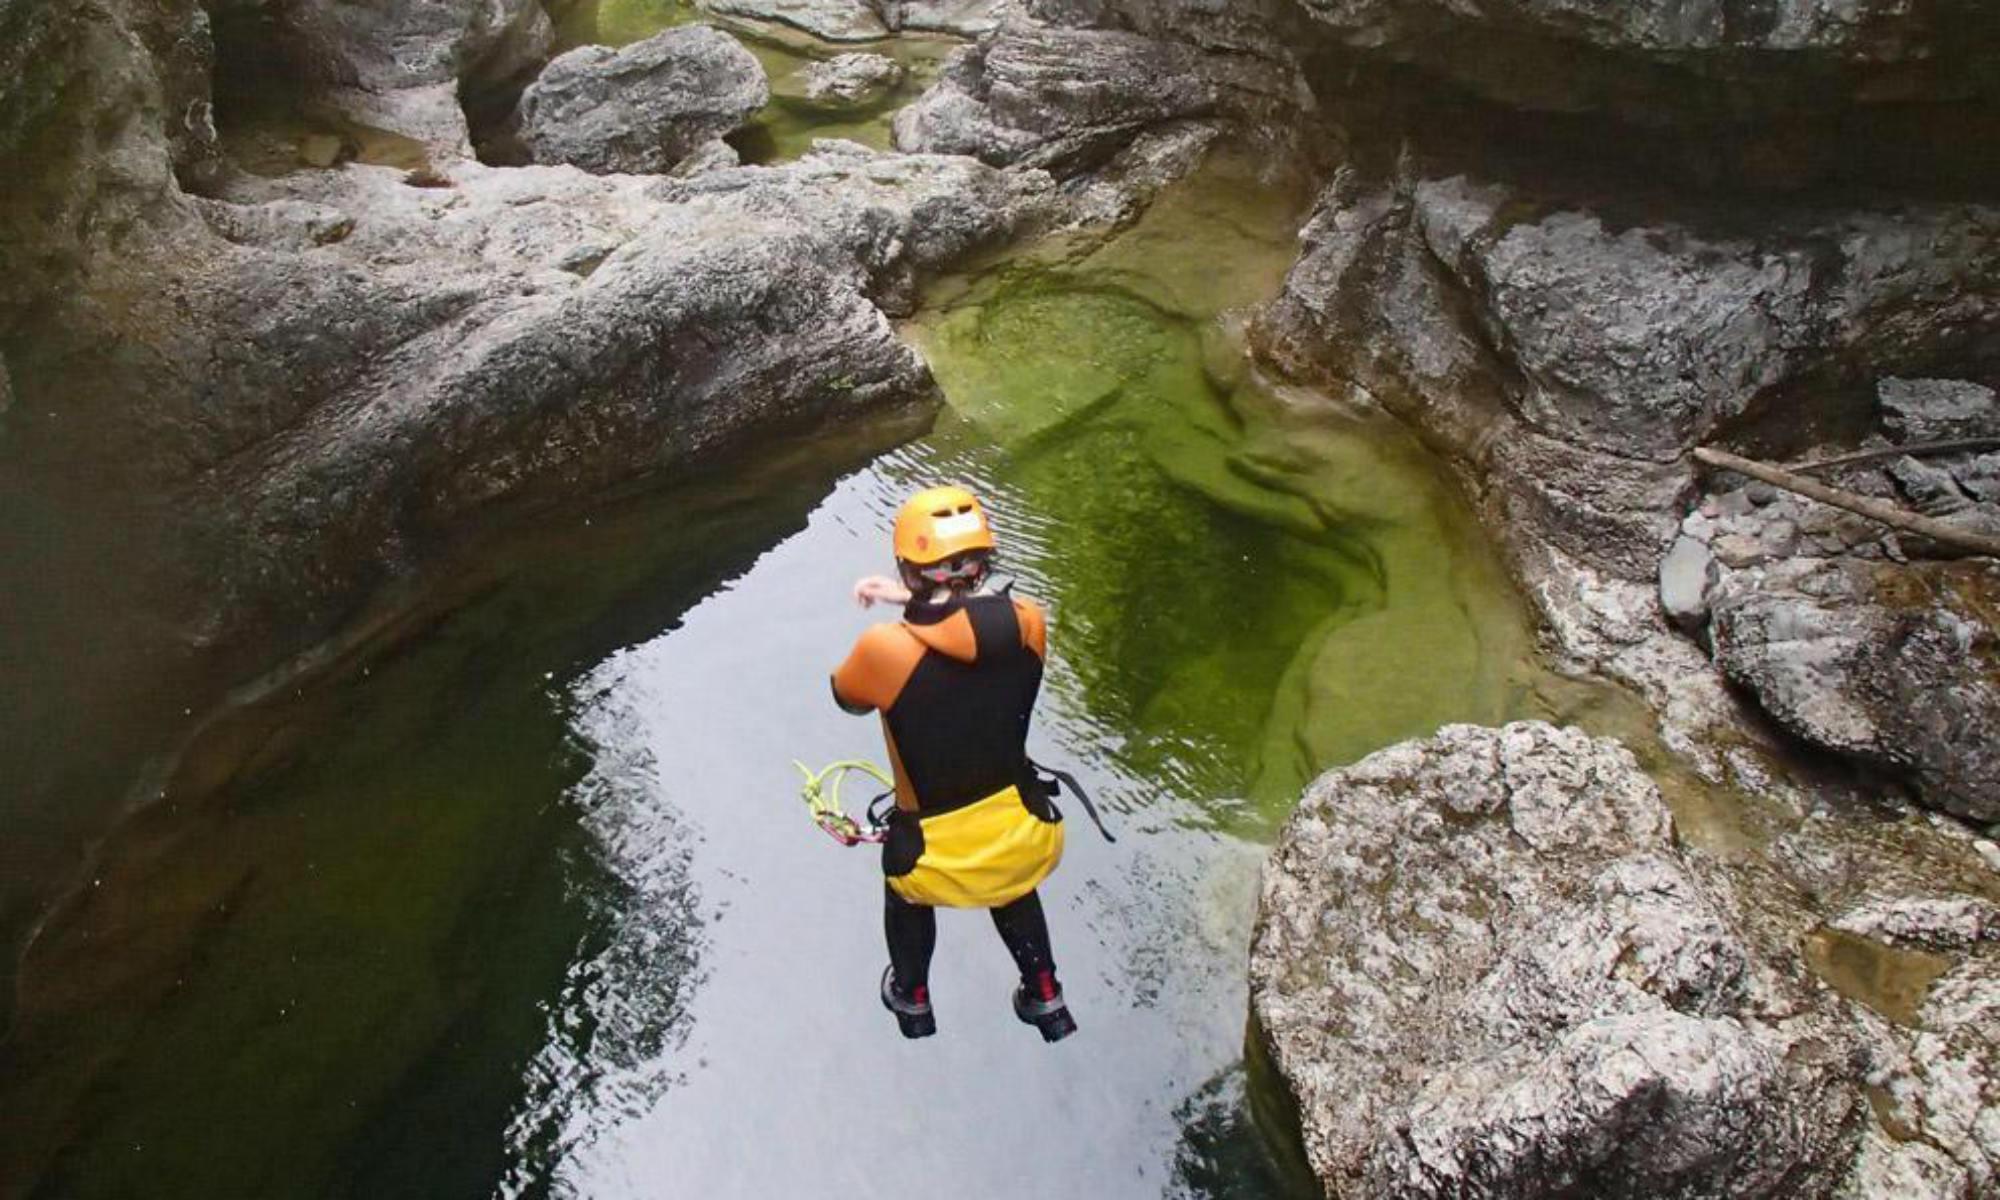 Ein Canyoning Teilnehmer springt bei einer Tour in der Almbachklamm in einen smaragdgrünen Wassertümpel.